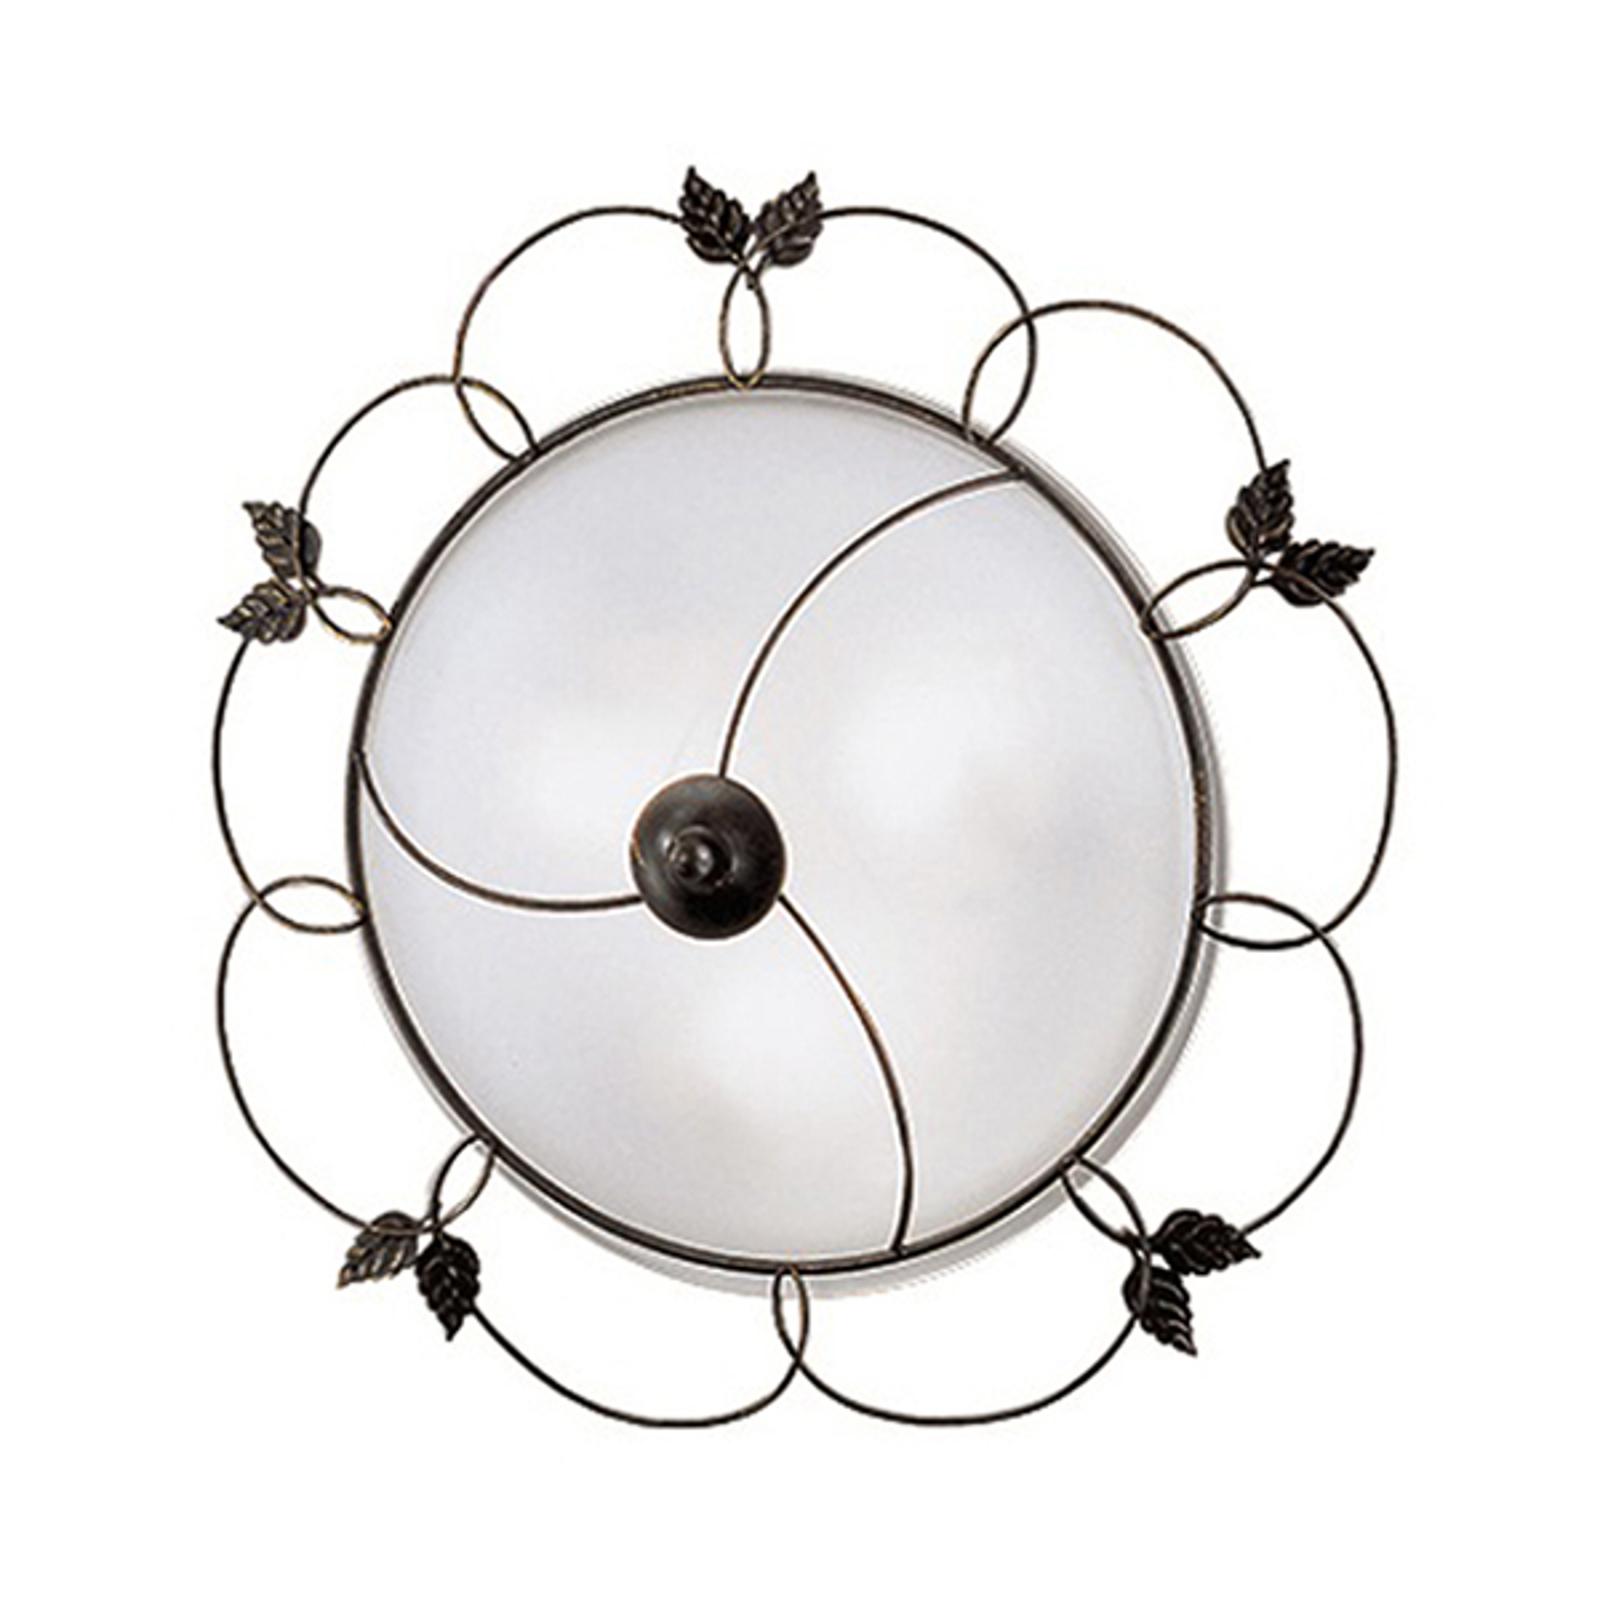 Lampa sufitowa FLORA by Kögl, 45 cm